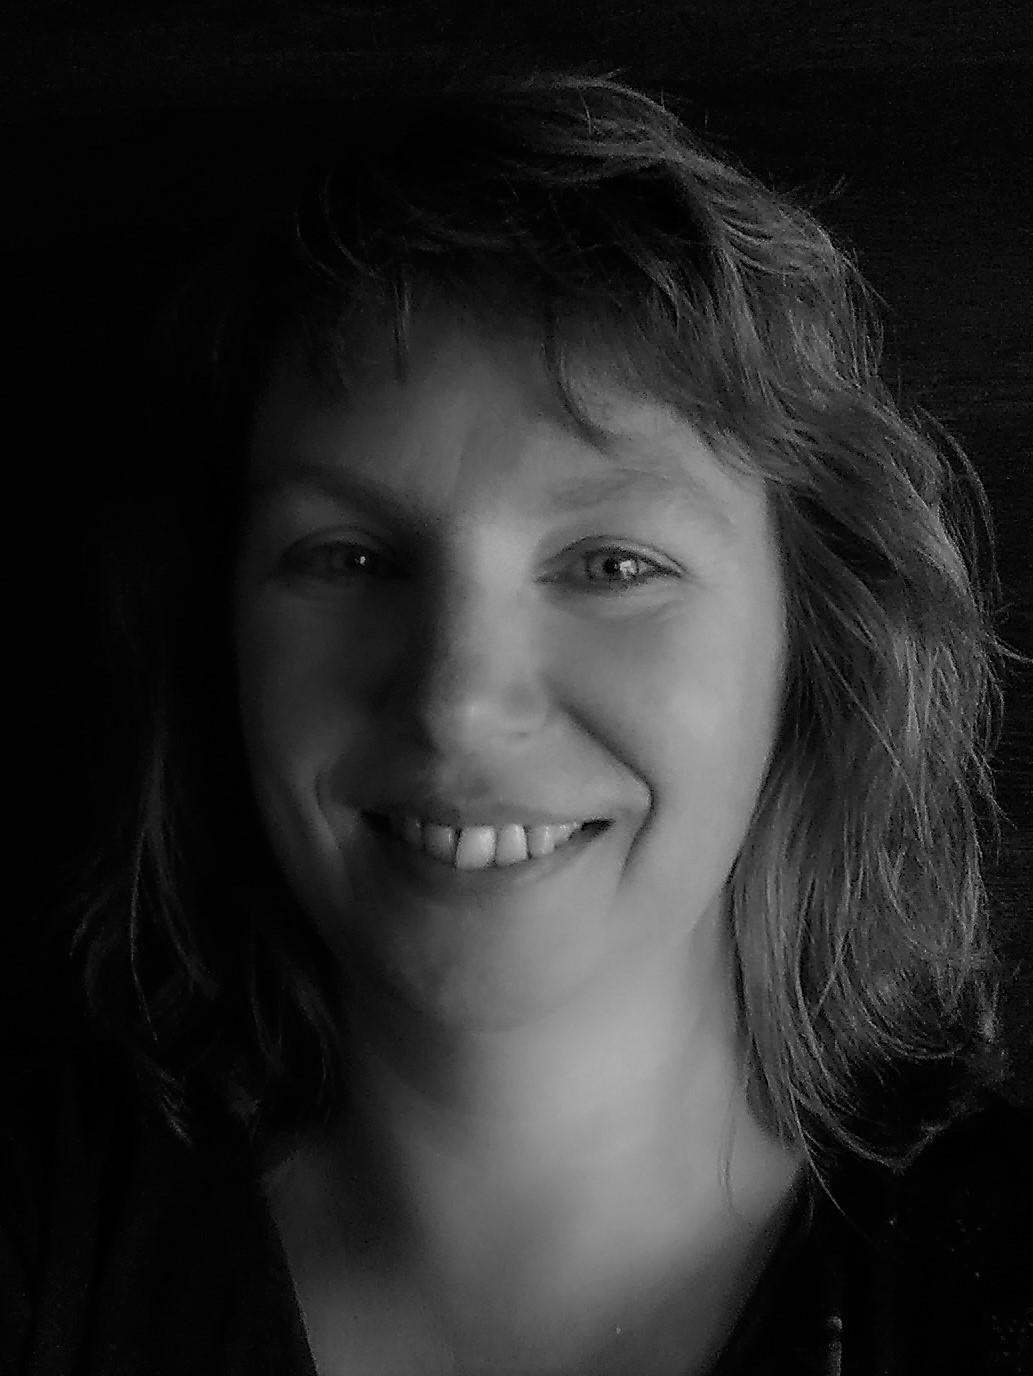 Geile sex date met rijpe 43-jarige vrouw uit Oost-Vlaanderen